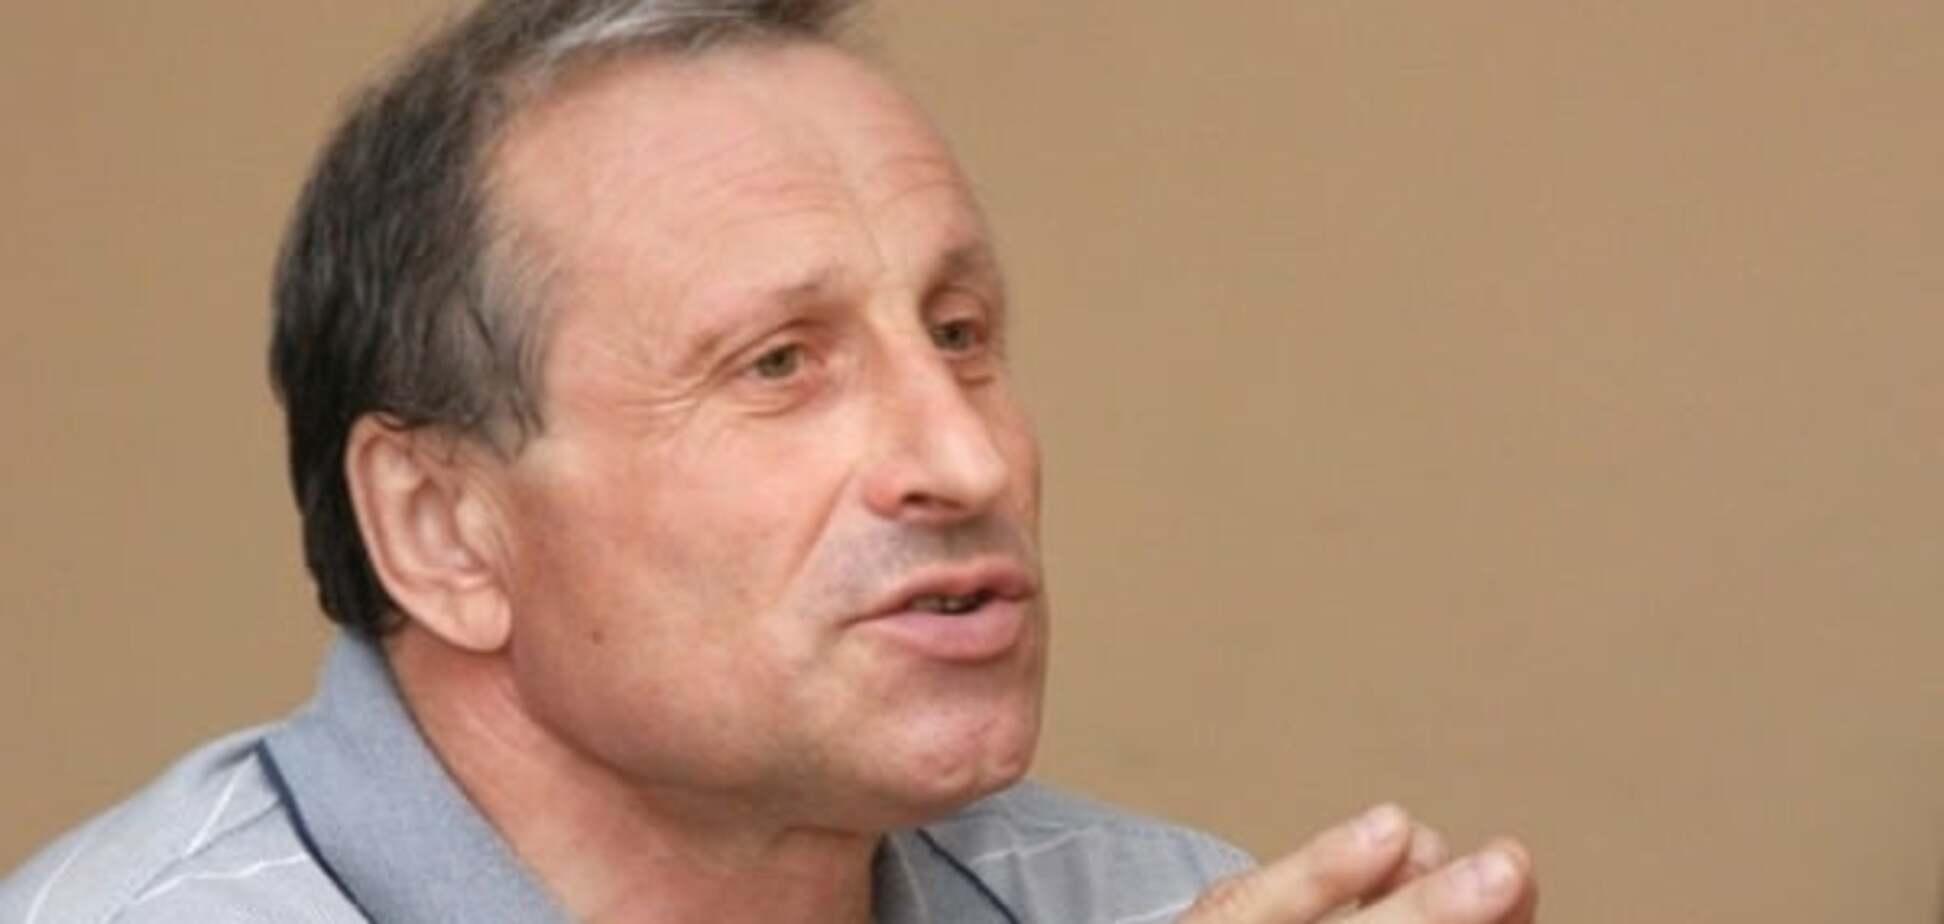 Репресії в Криму: журналісту 'Радіо Свободи' присвоїли статус обвинуваченого